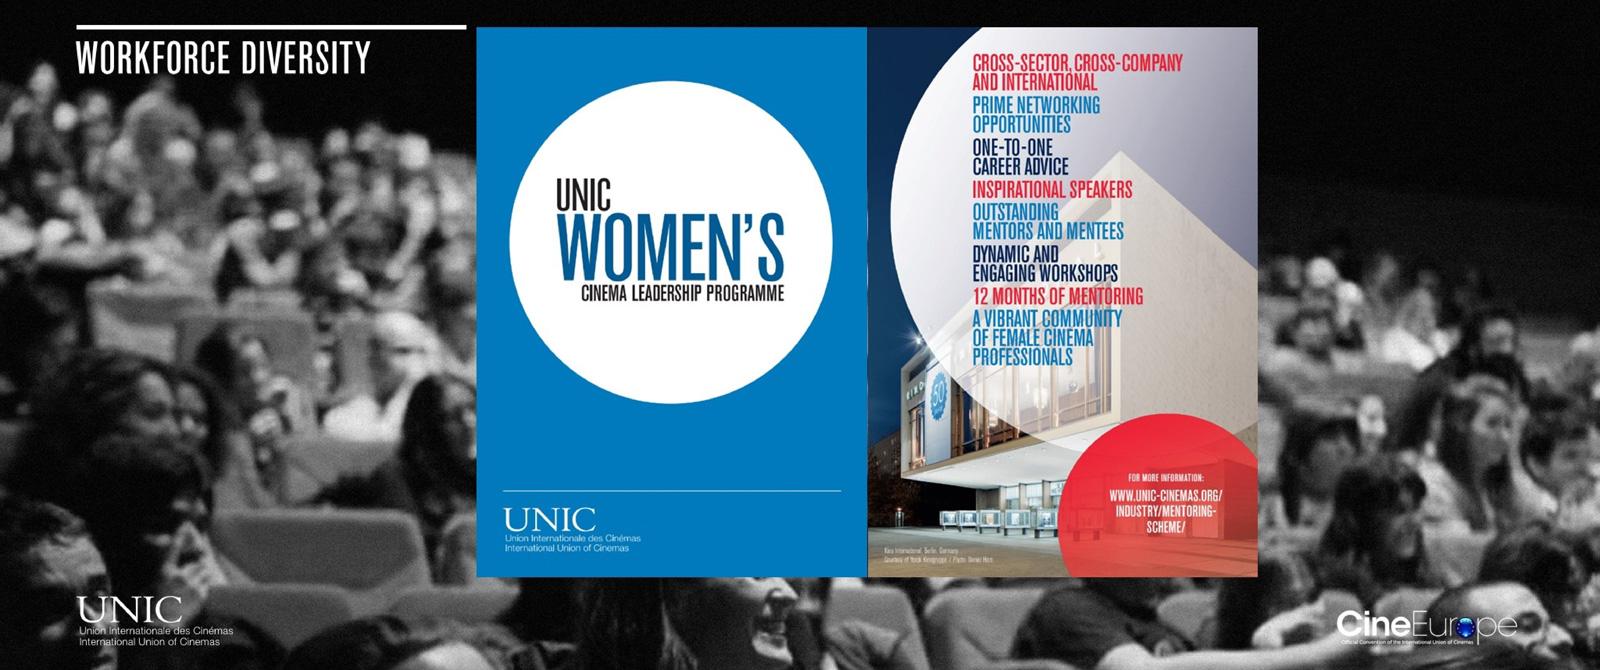 CineEurope 2018 Keynote - Women's Diversity